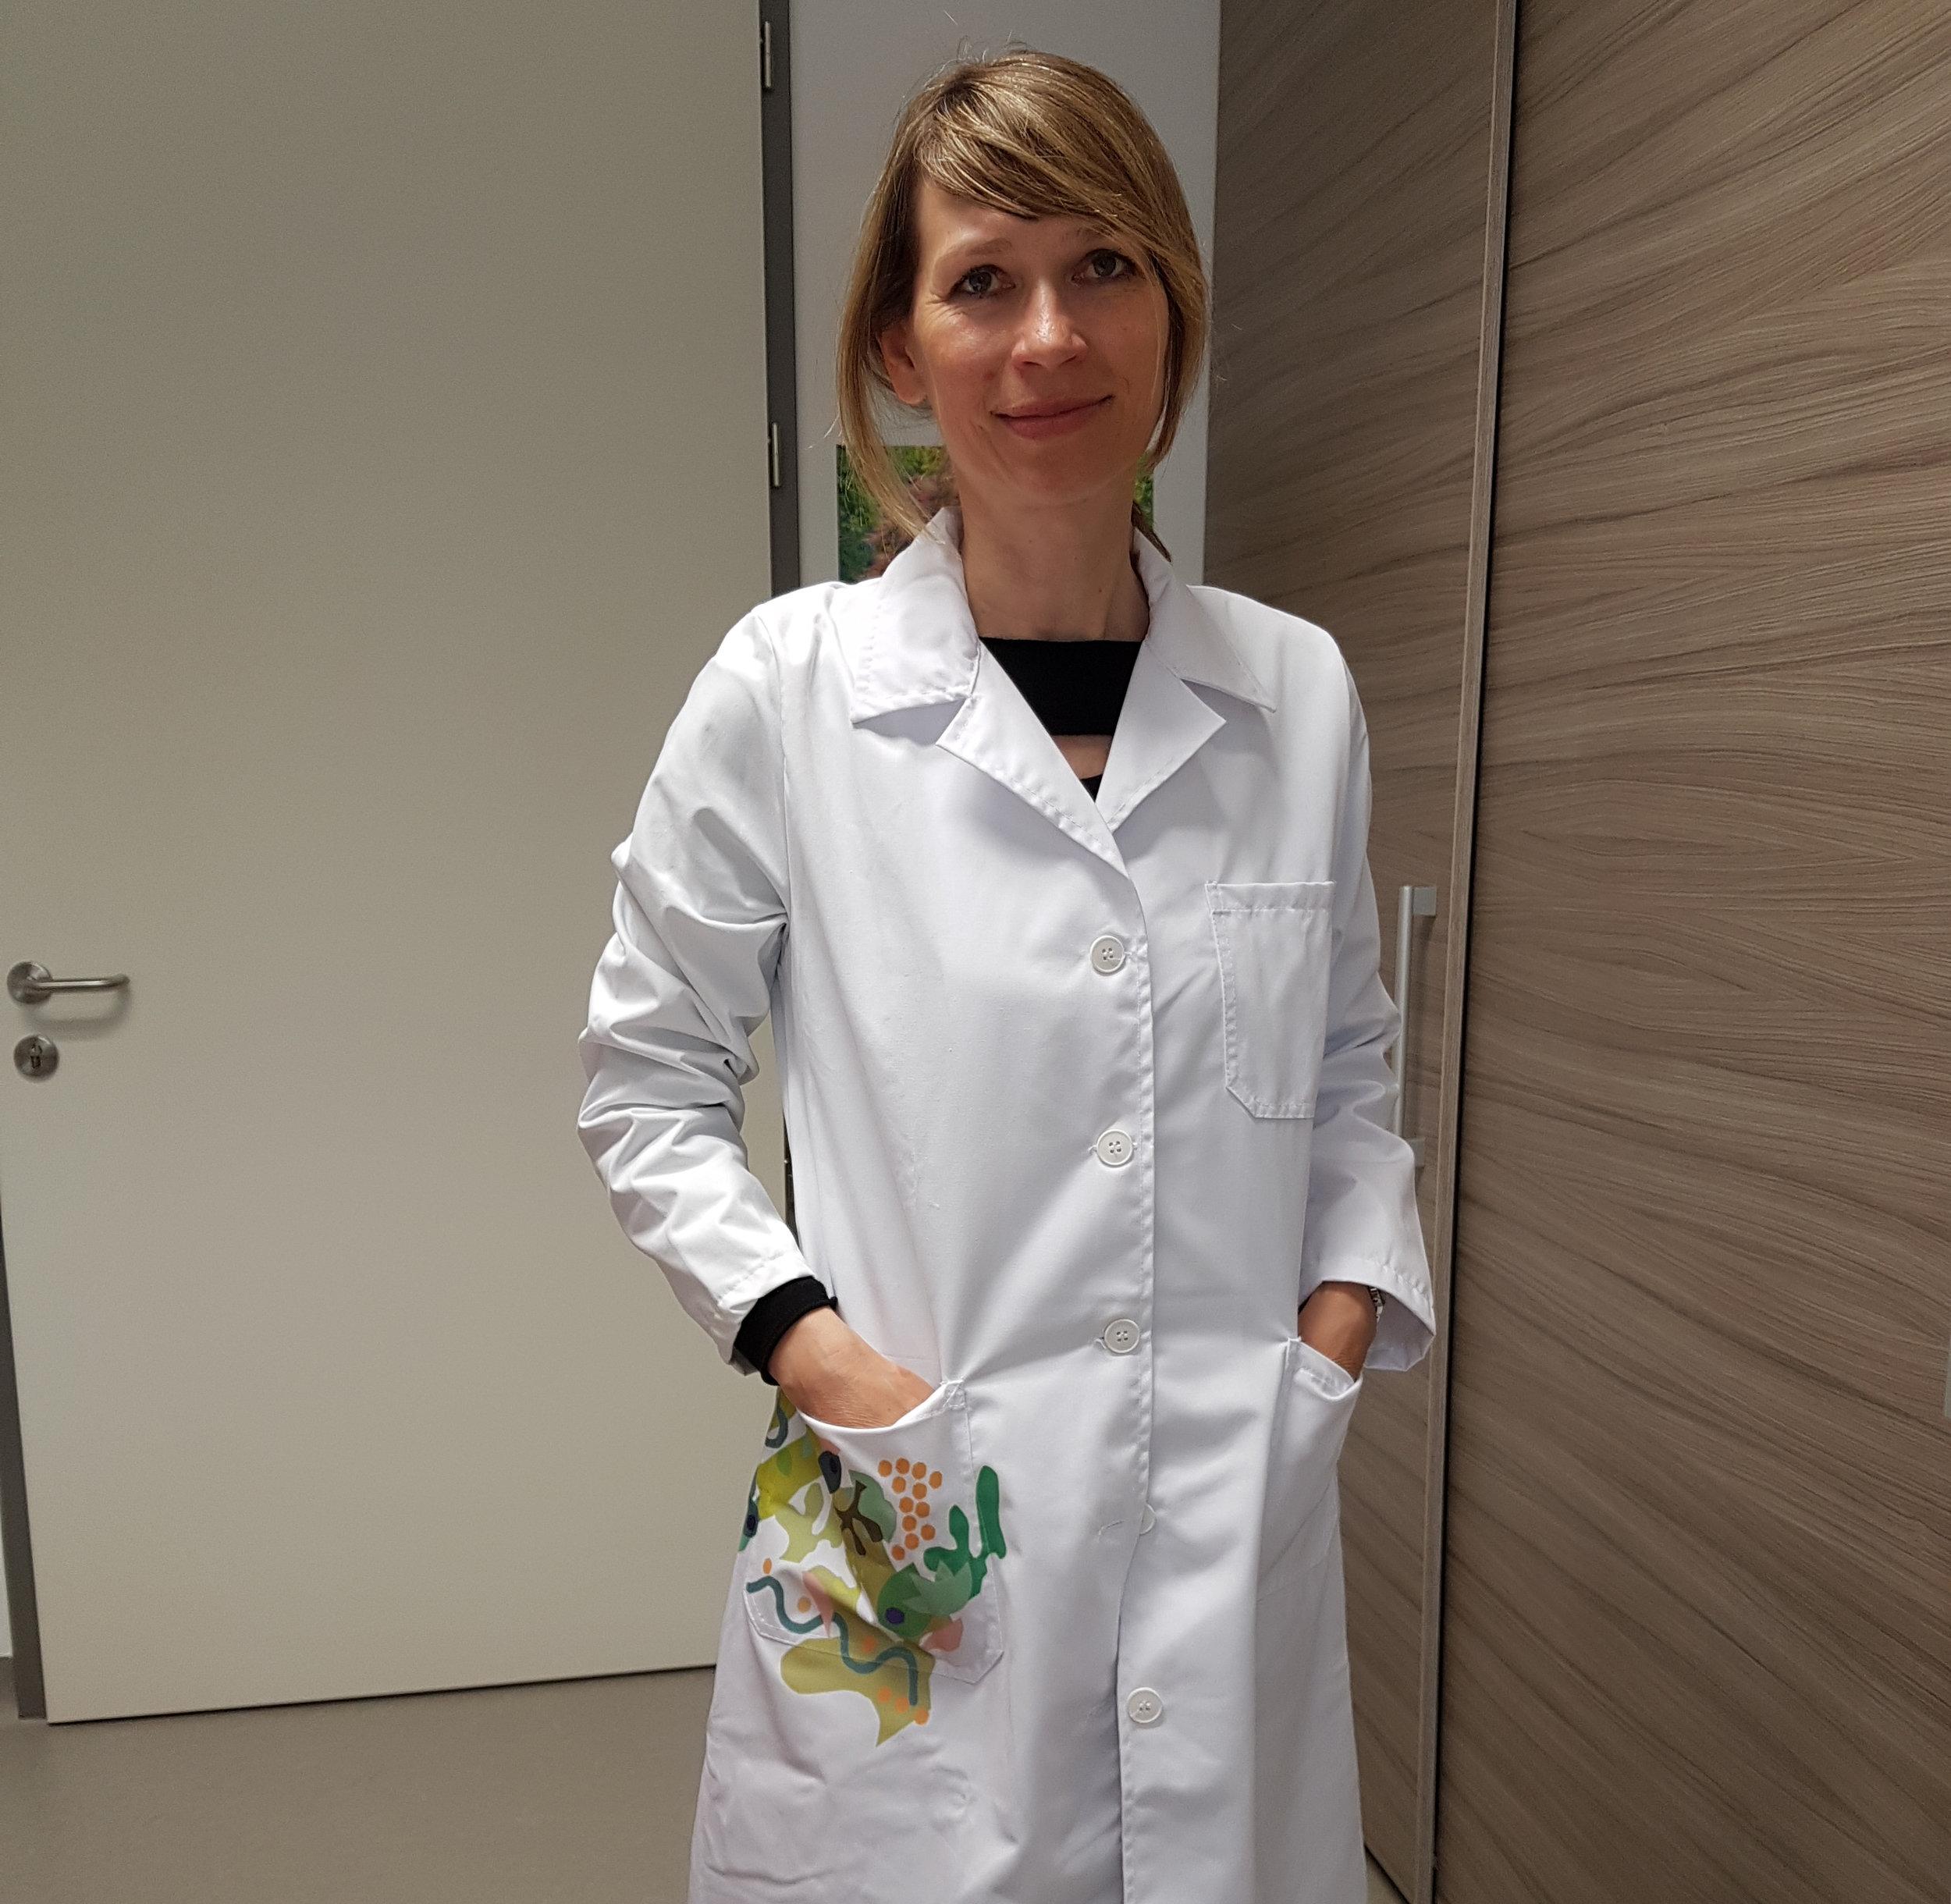 Prof. dr. Mateja Erdani Kreft:  Prvi prejemnici halji sta prof. dr. Mateja Erdani Kreft in raziskovalka Taja Železnik Ramuta iz Medicinske fakultete.